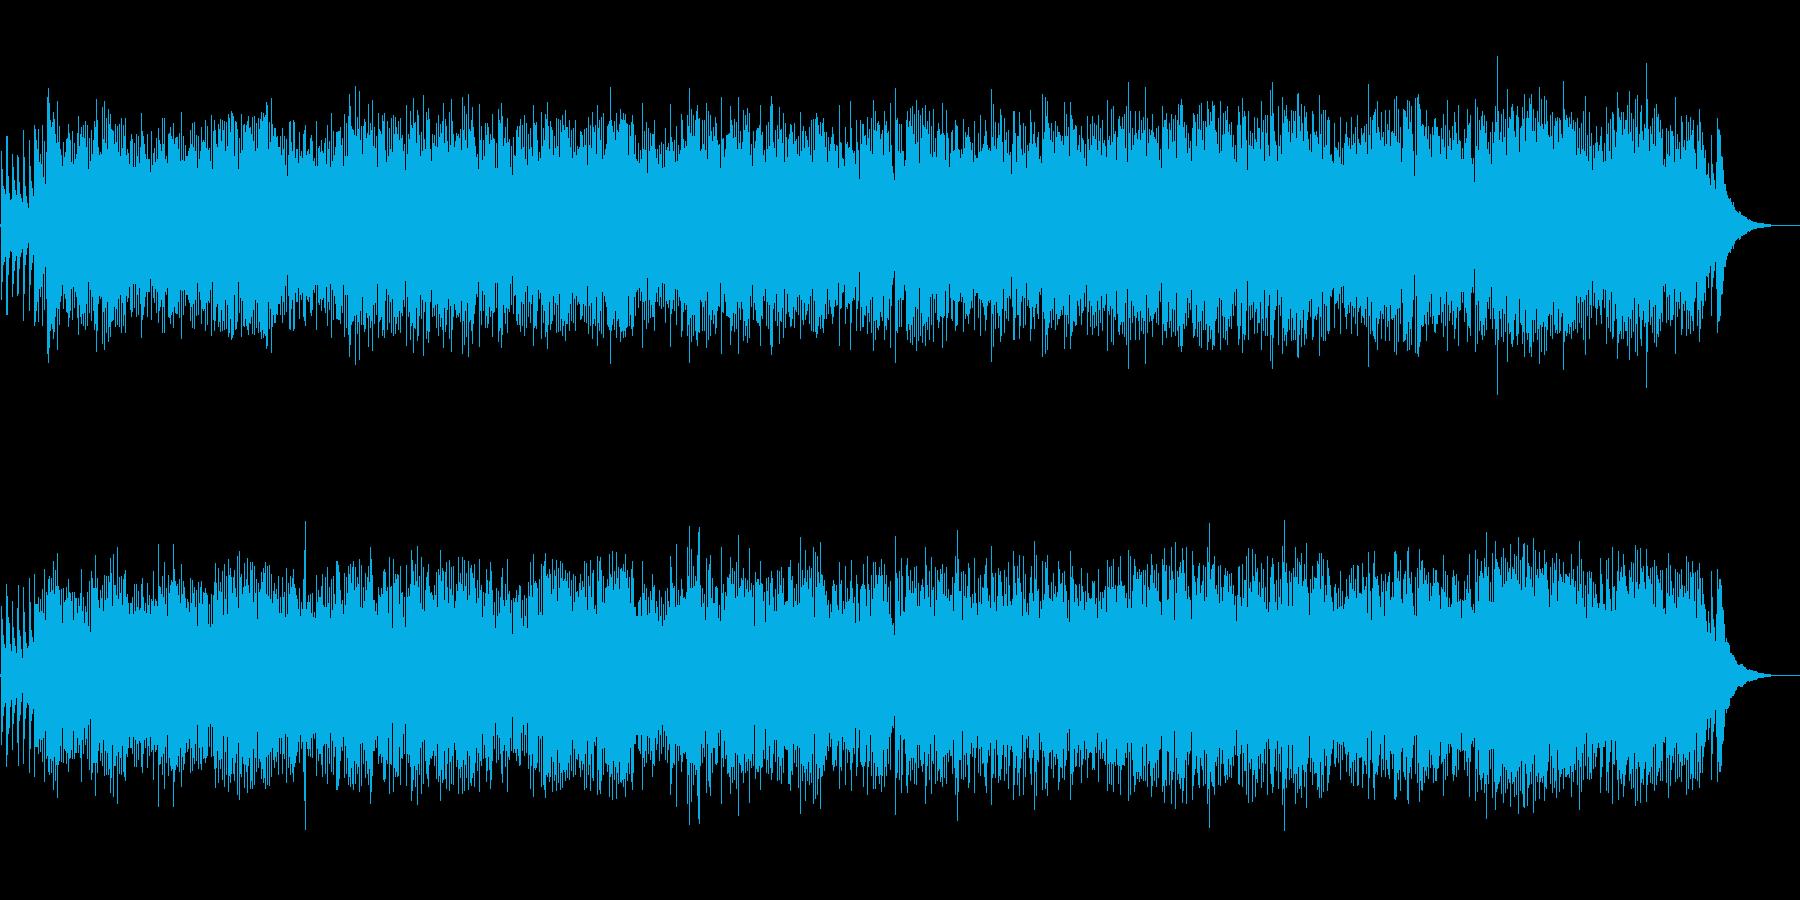 猫のフーガ チェンバロ スカルラッティの再生済みの波形